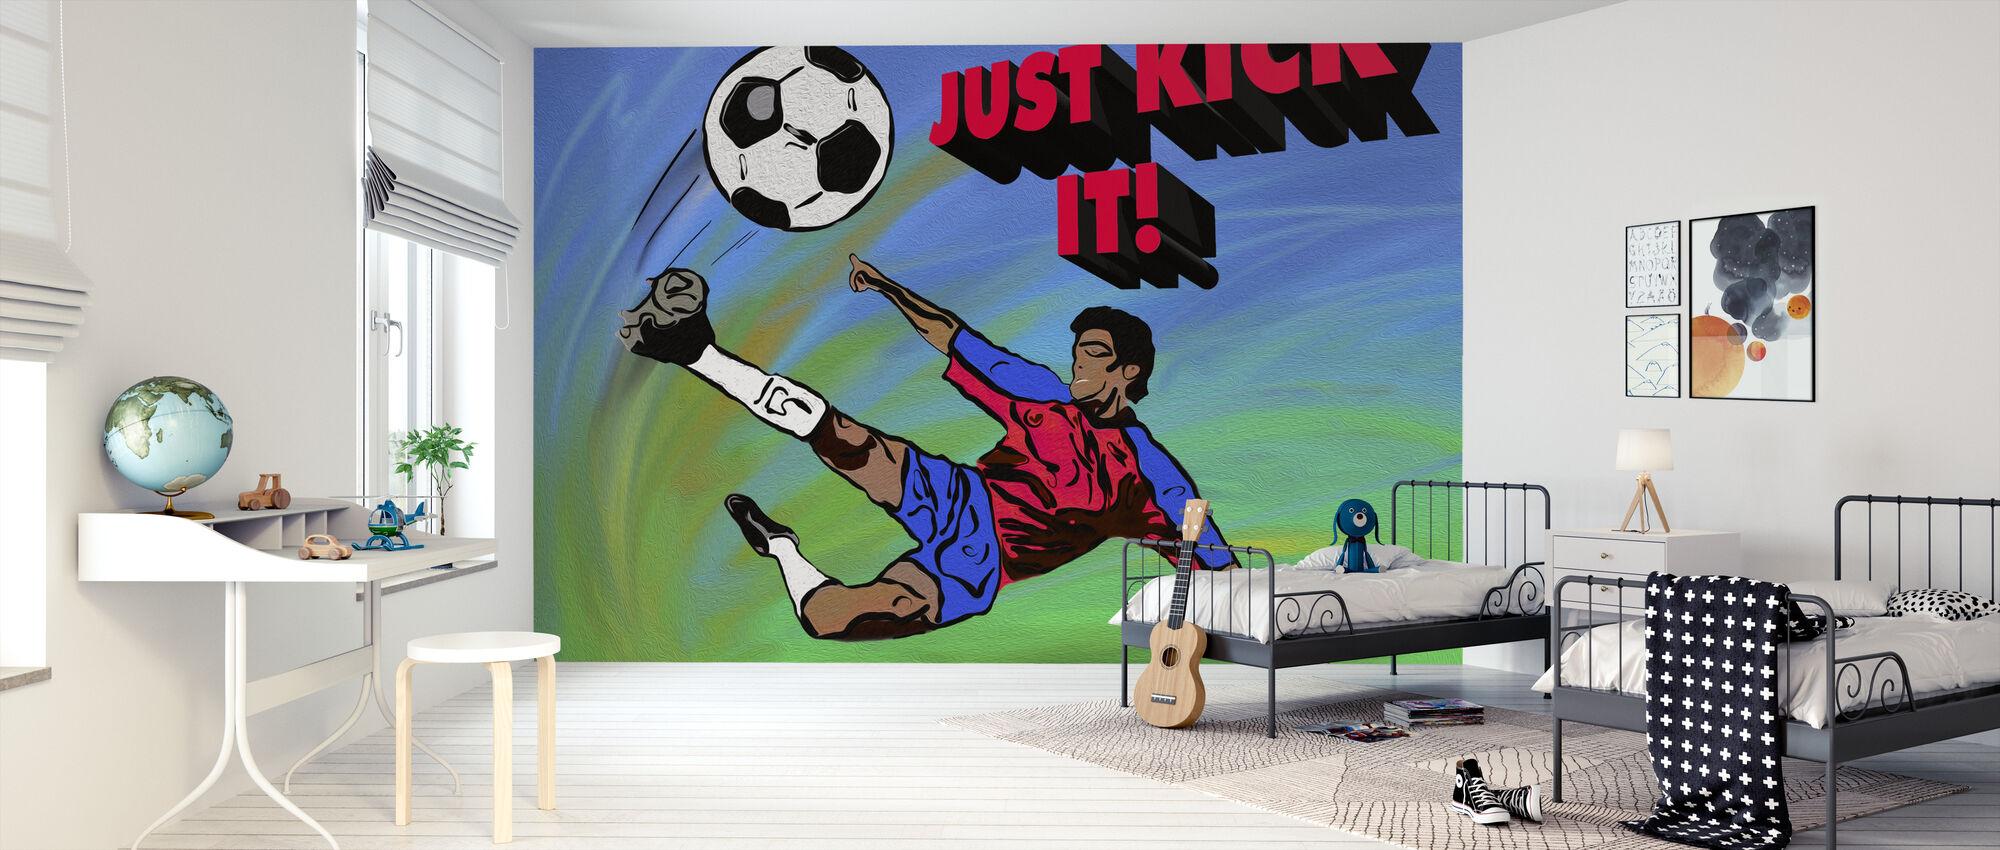 Just Kick It - Wallpaper - Kids Room